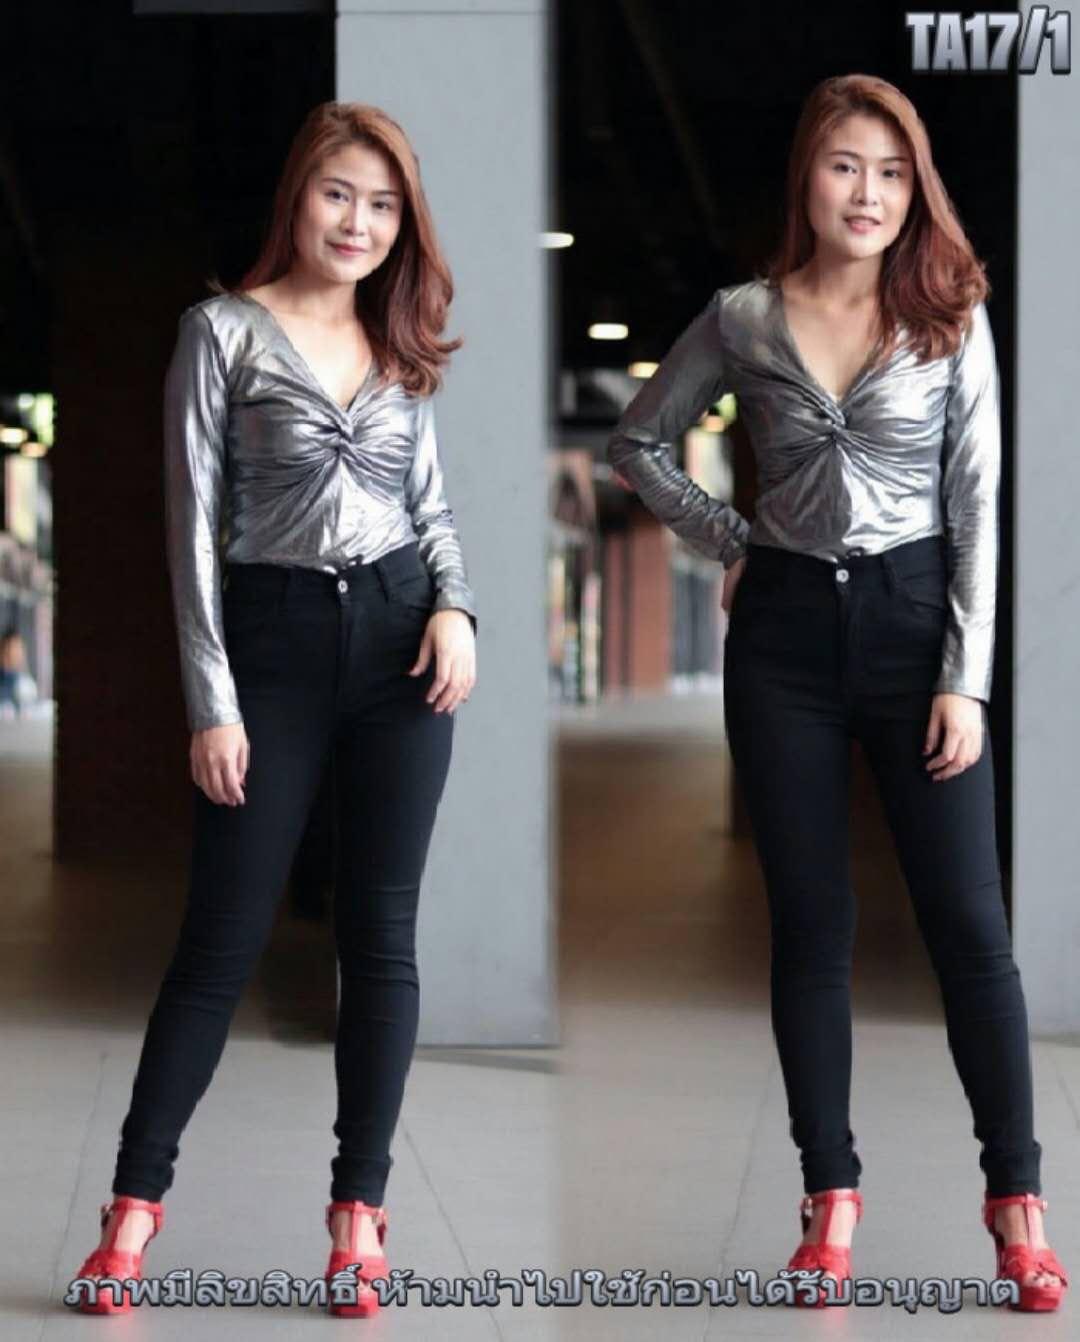 กางเกงยีนส์แฟชั่นเอวสูงขาเดฟไซส์ใหญ่ ซิบหน้า สีดำ มี SIZE 34 36 38 40